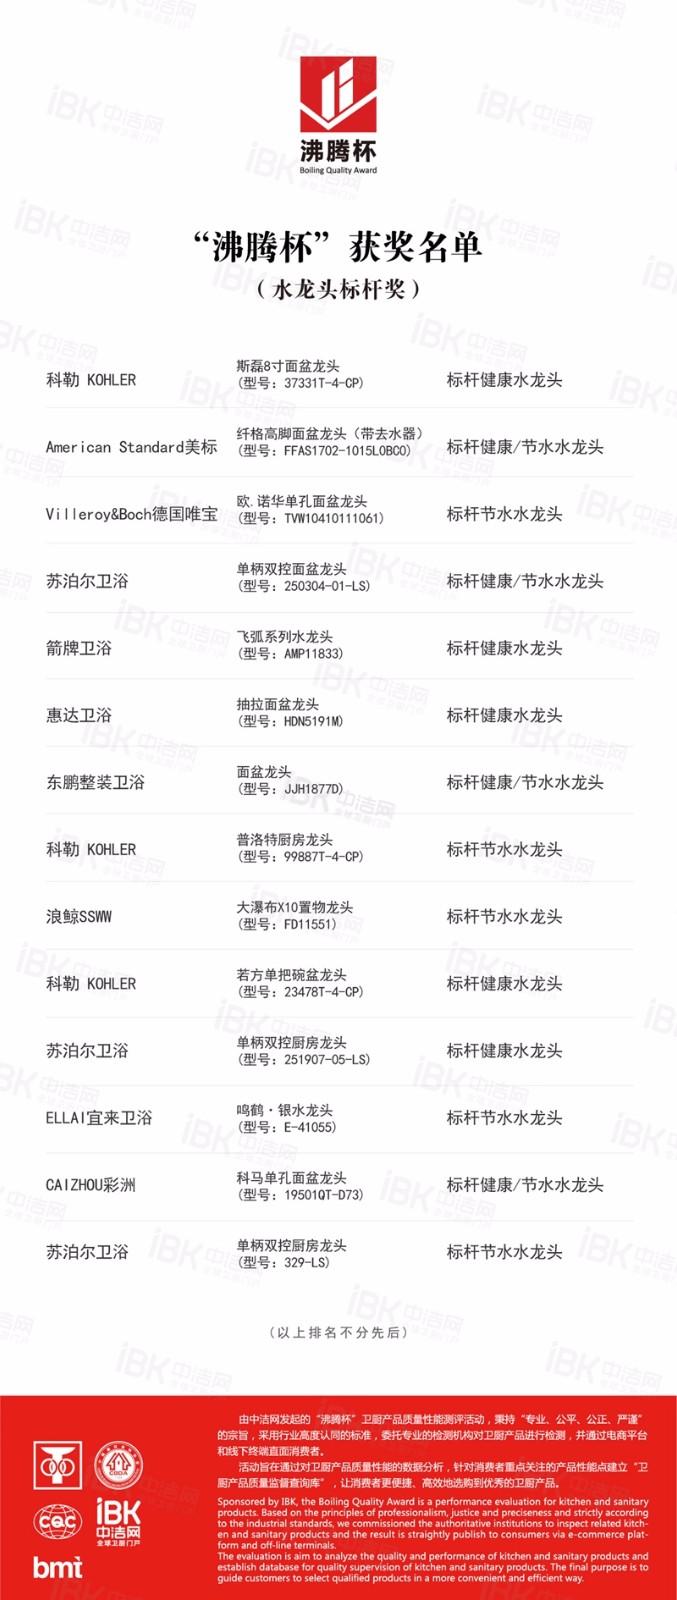 2019沸腾杯-水龙头-标杆奖_副本.jpg